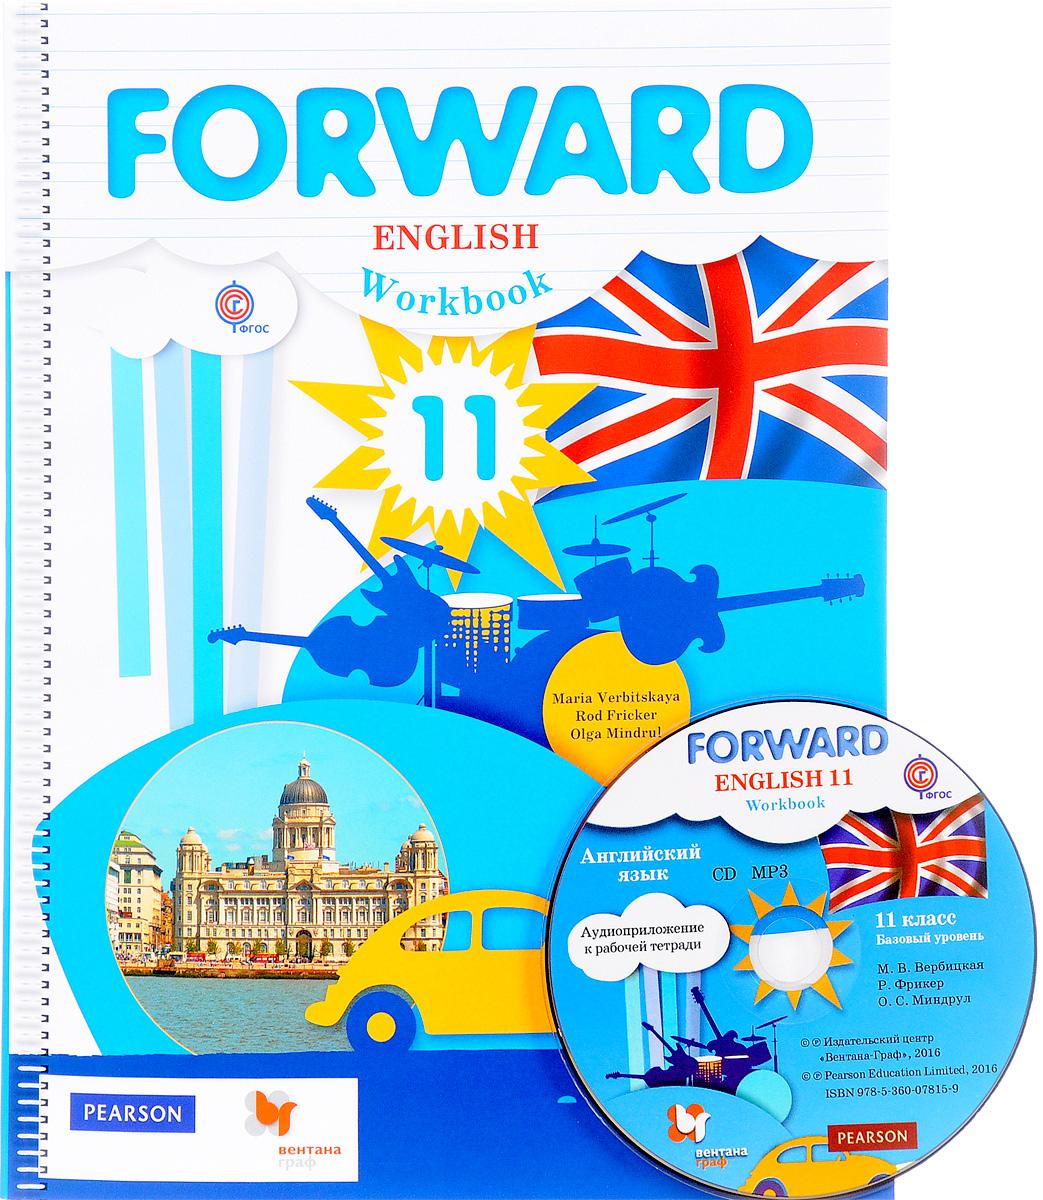 Forward English 11: Workbook / Английский язык. 11 класс. Базовый уровень. Рабочая тетрадь (+ CD)